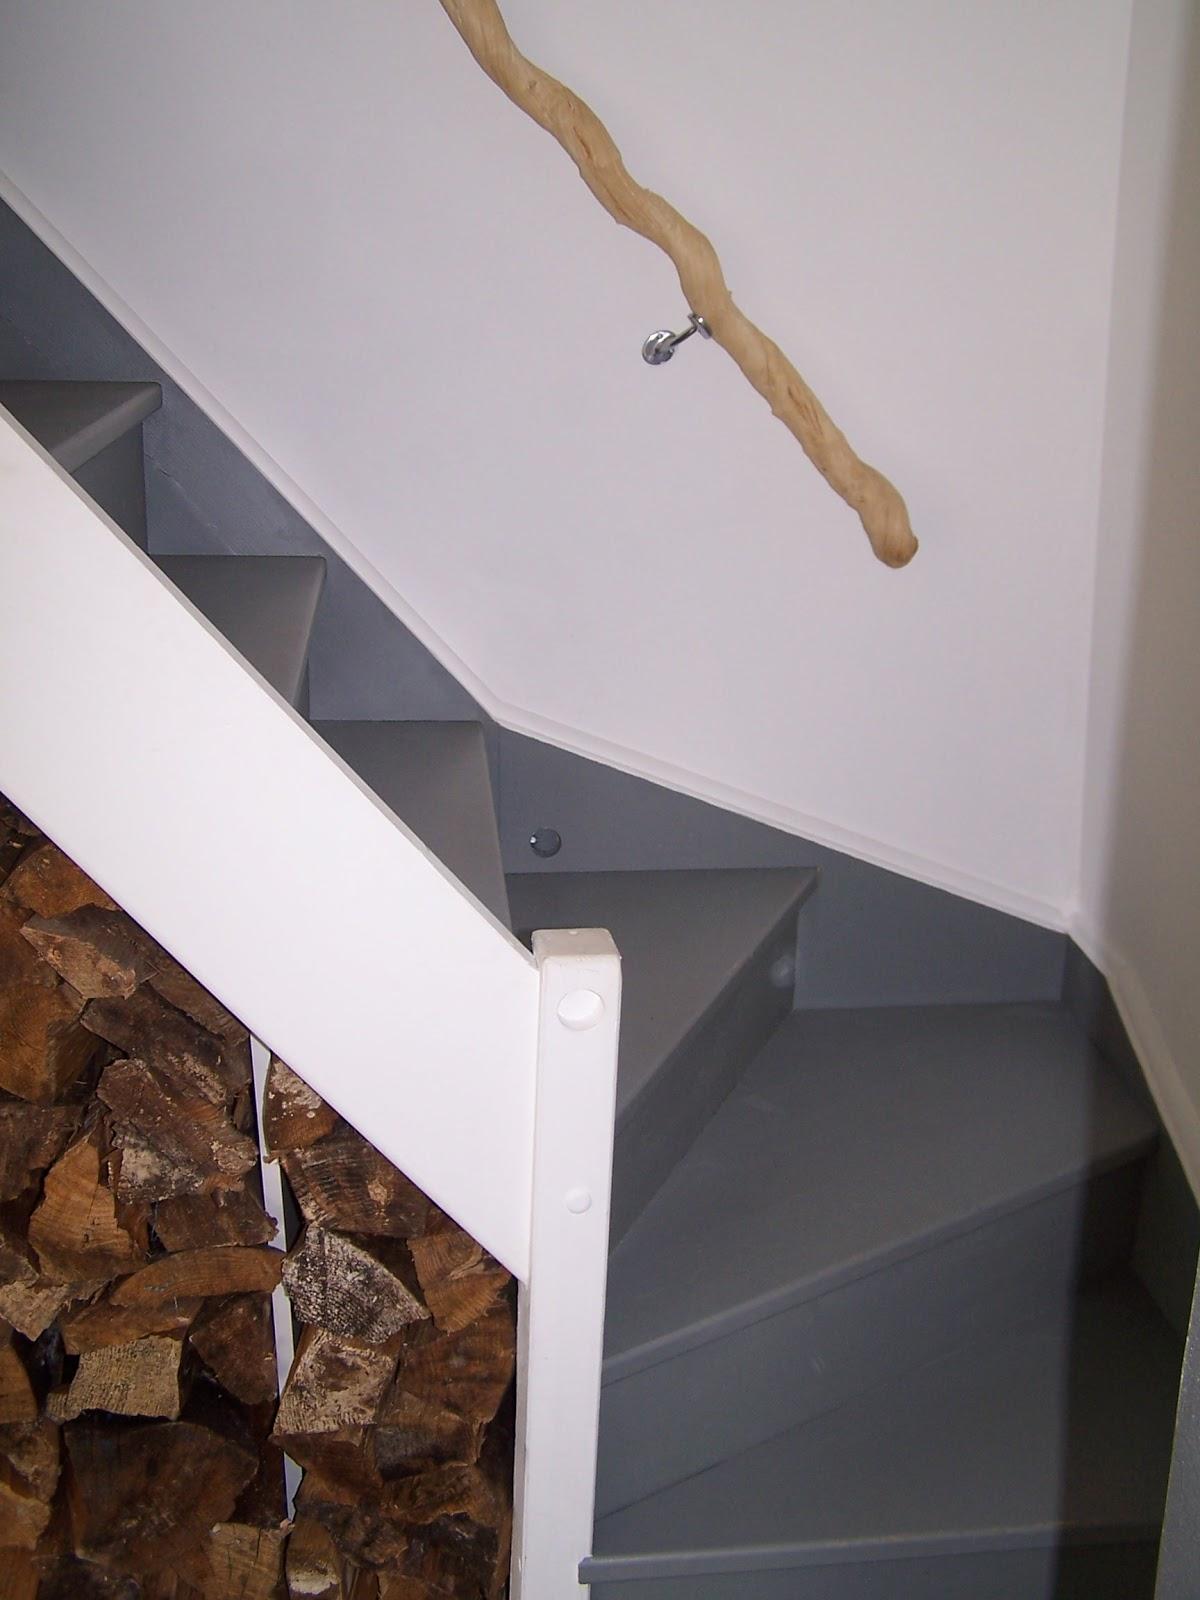 agence aso concept anne sophie ortais relooking d 39 un escalier. Black Bedroom Furniture Sets. Home Design Ideas